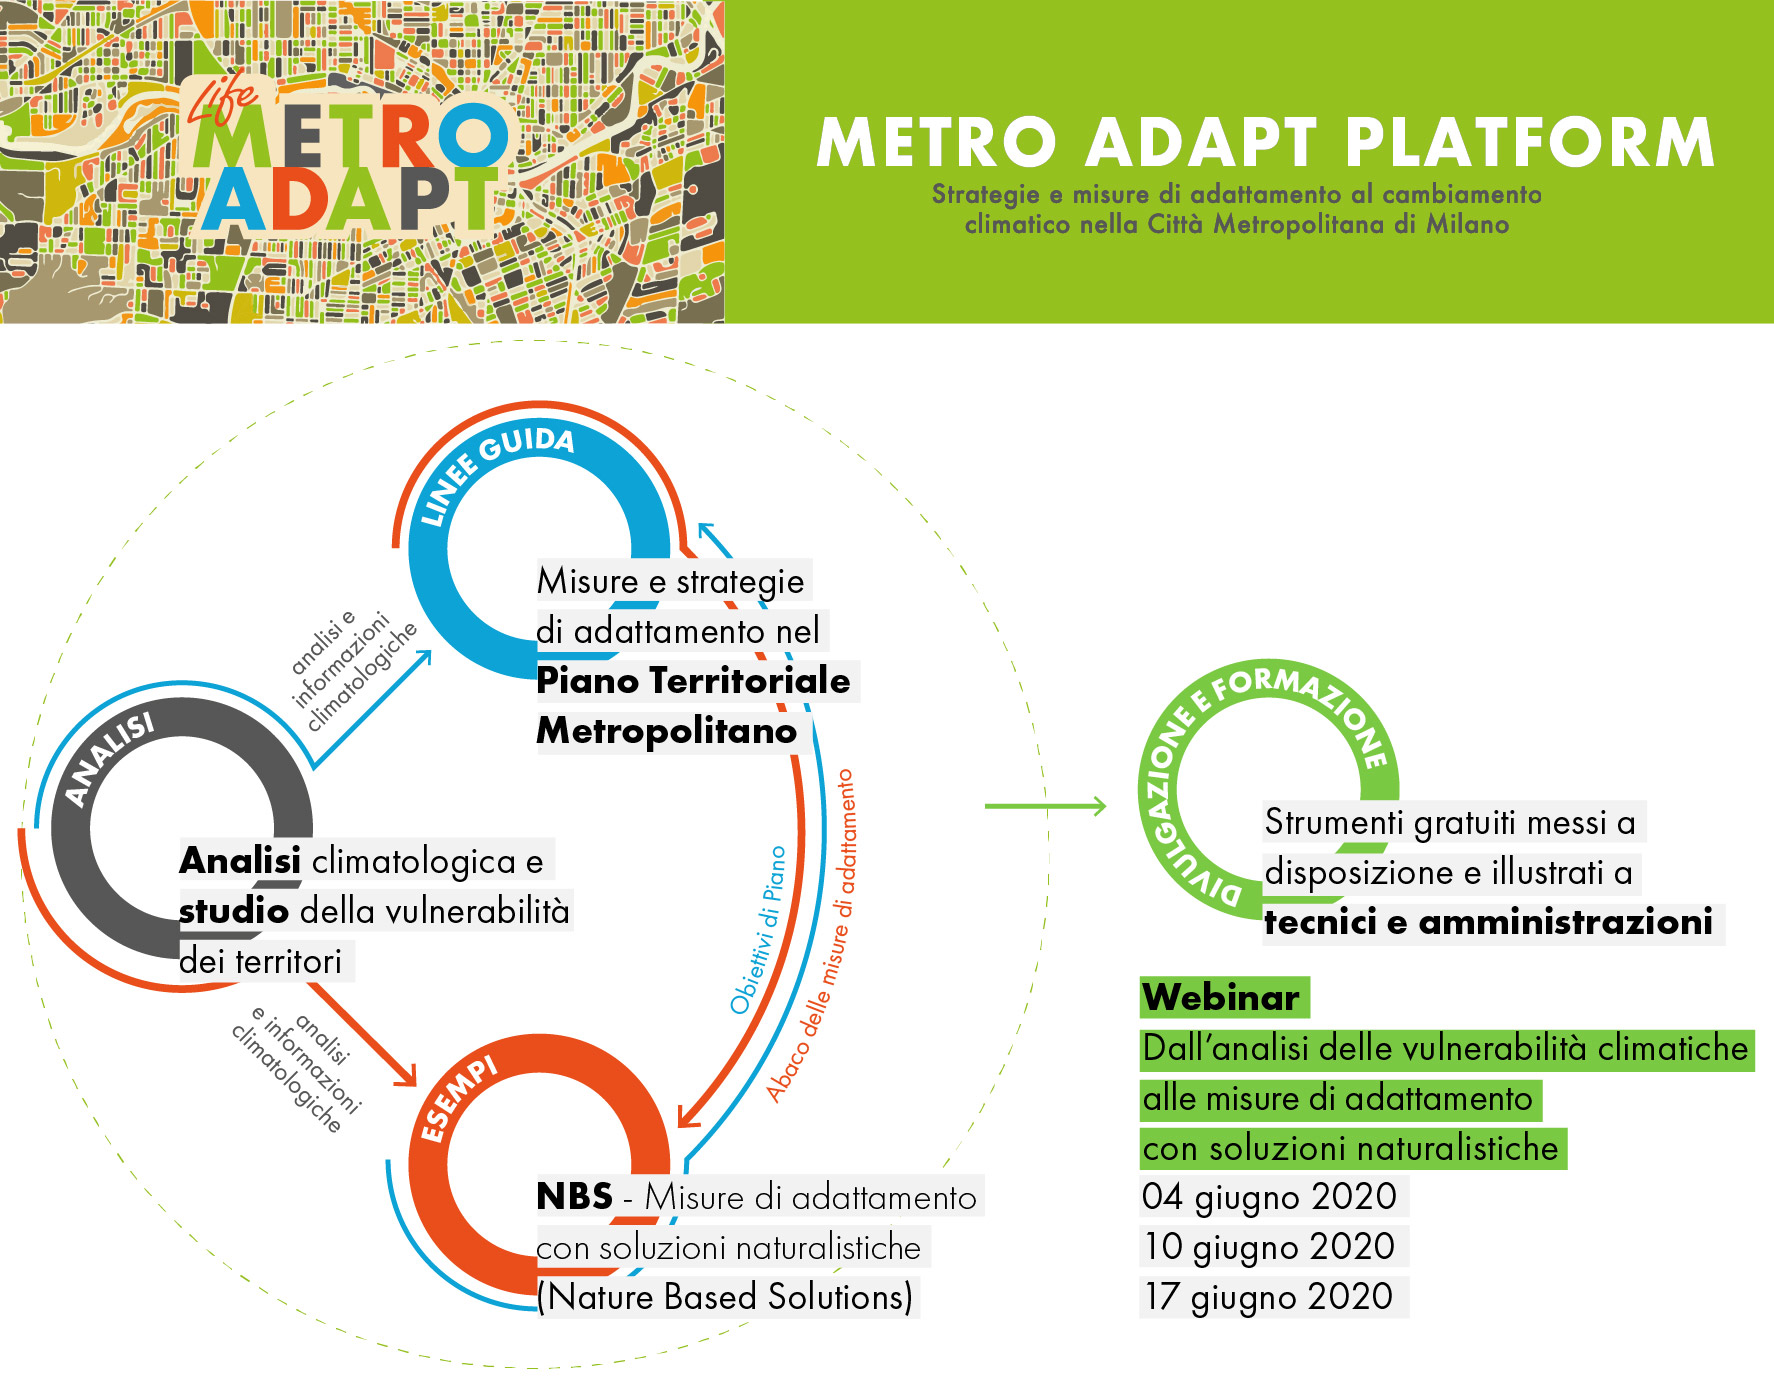 Il progetto Metro Adapt si presenta e condivide i propri strumenti